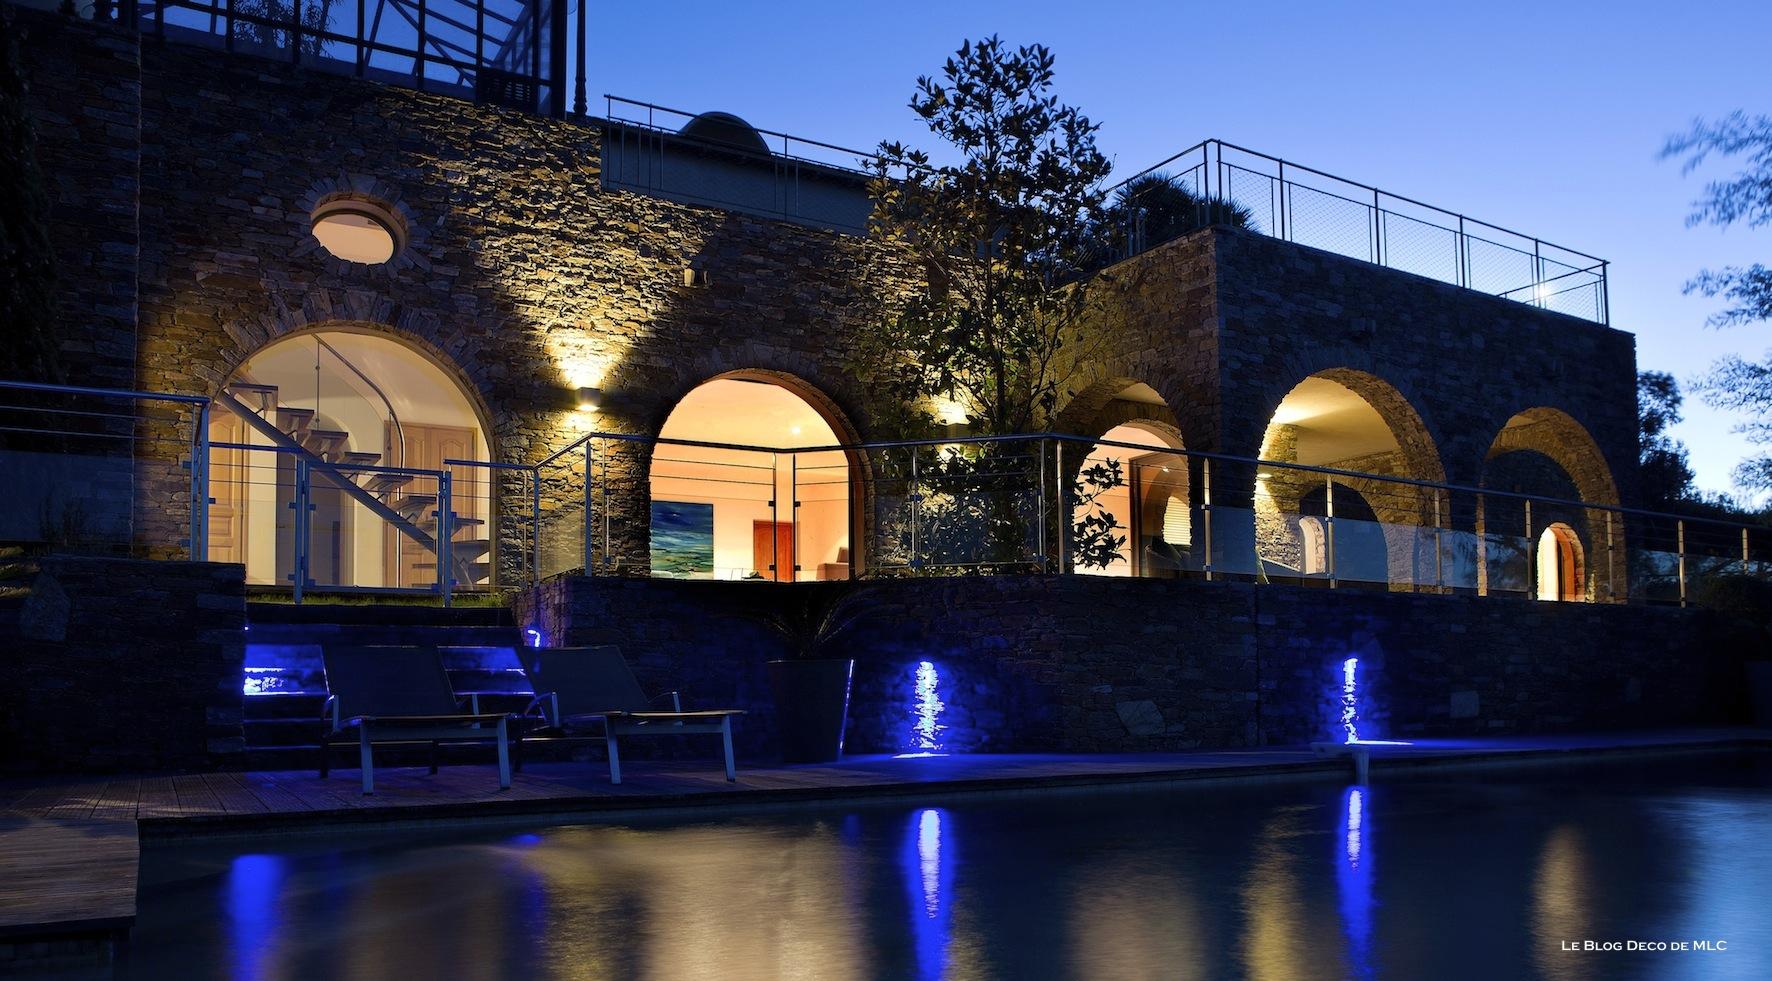 Eclairer la terrasse le soir avec des luminaires d co le for Lumiere exterieur facade